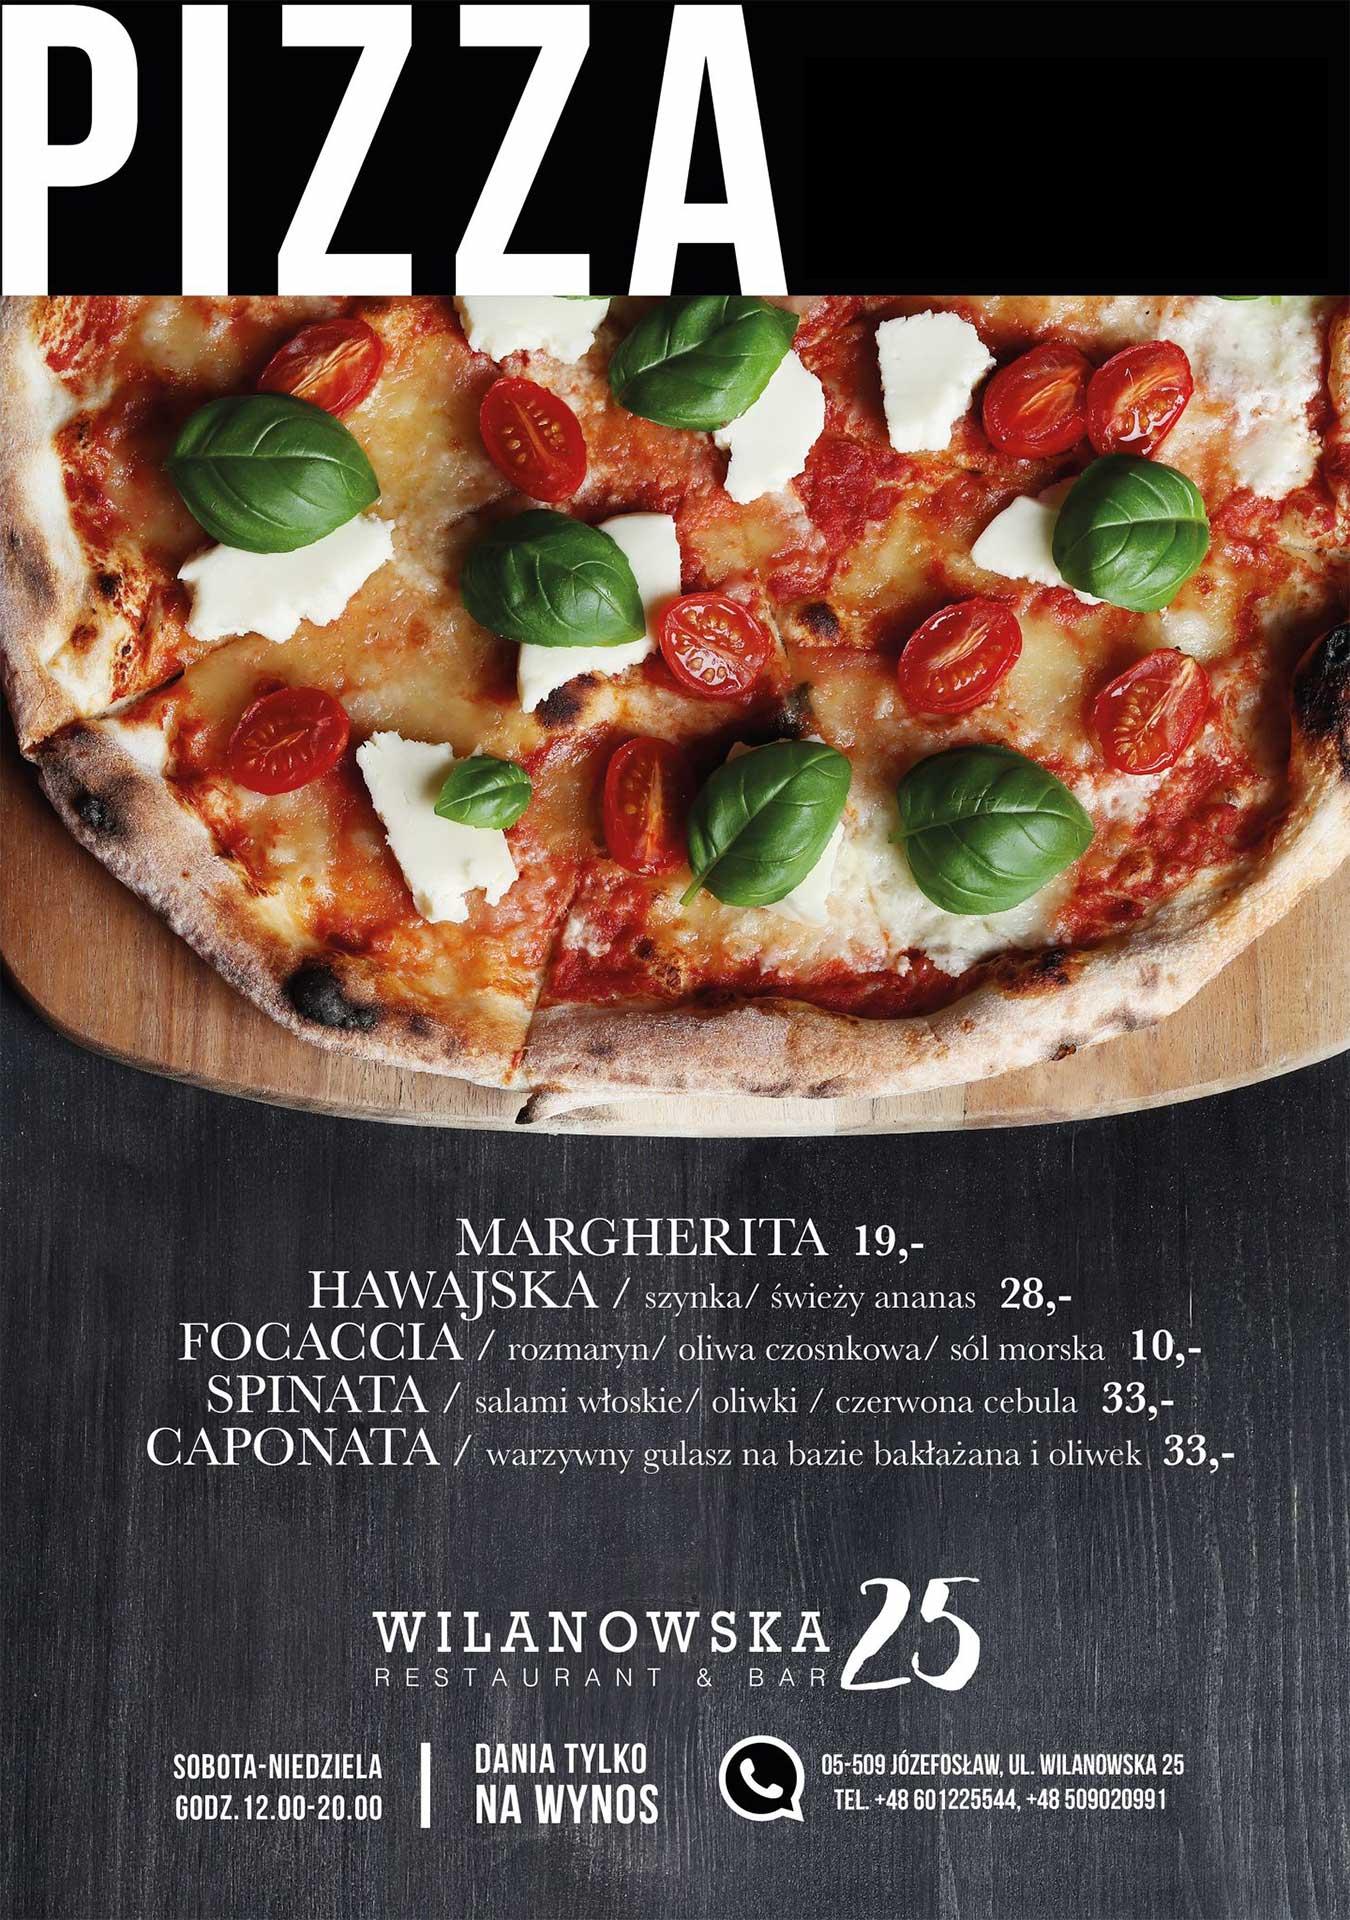 Wilanowska25_pizza